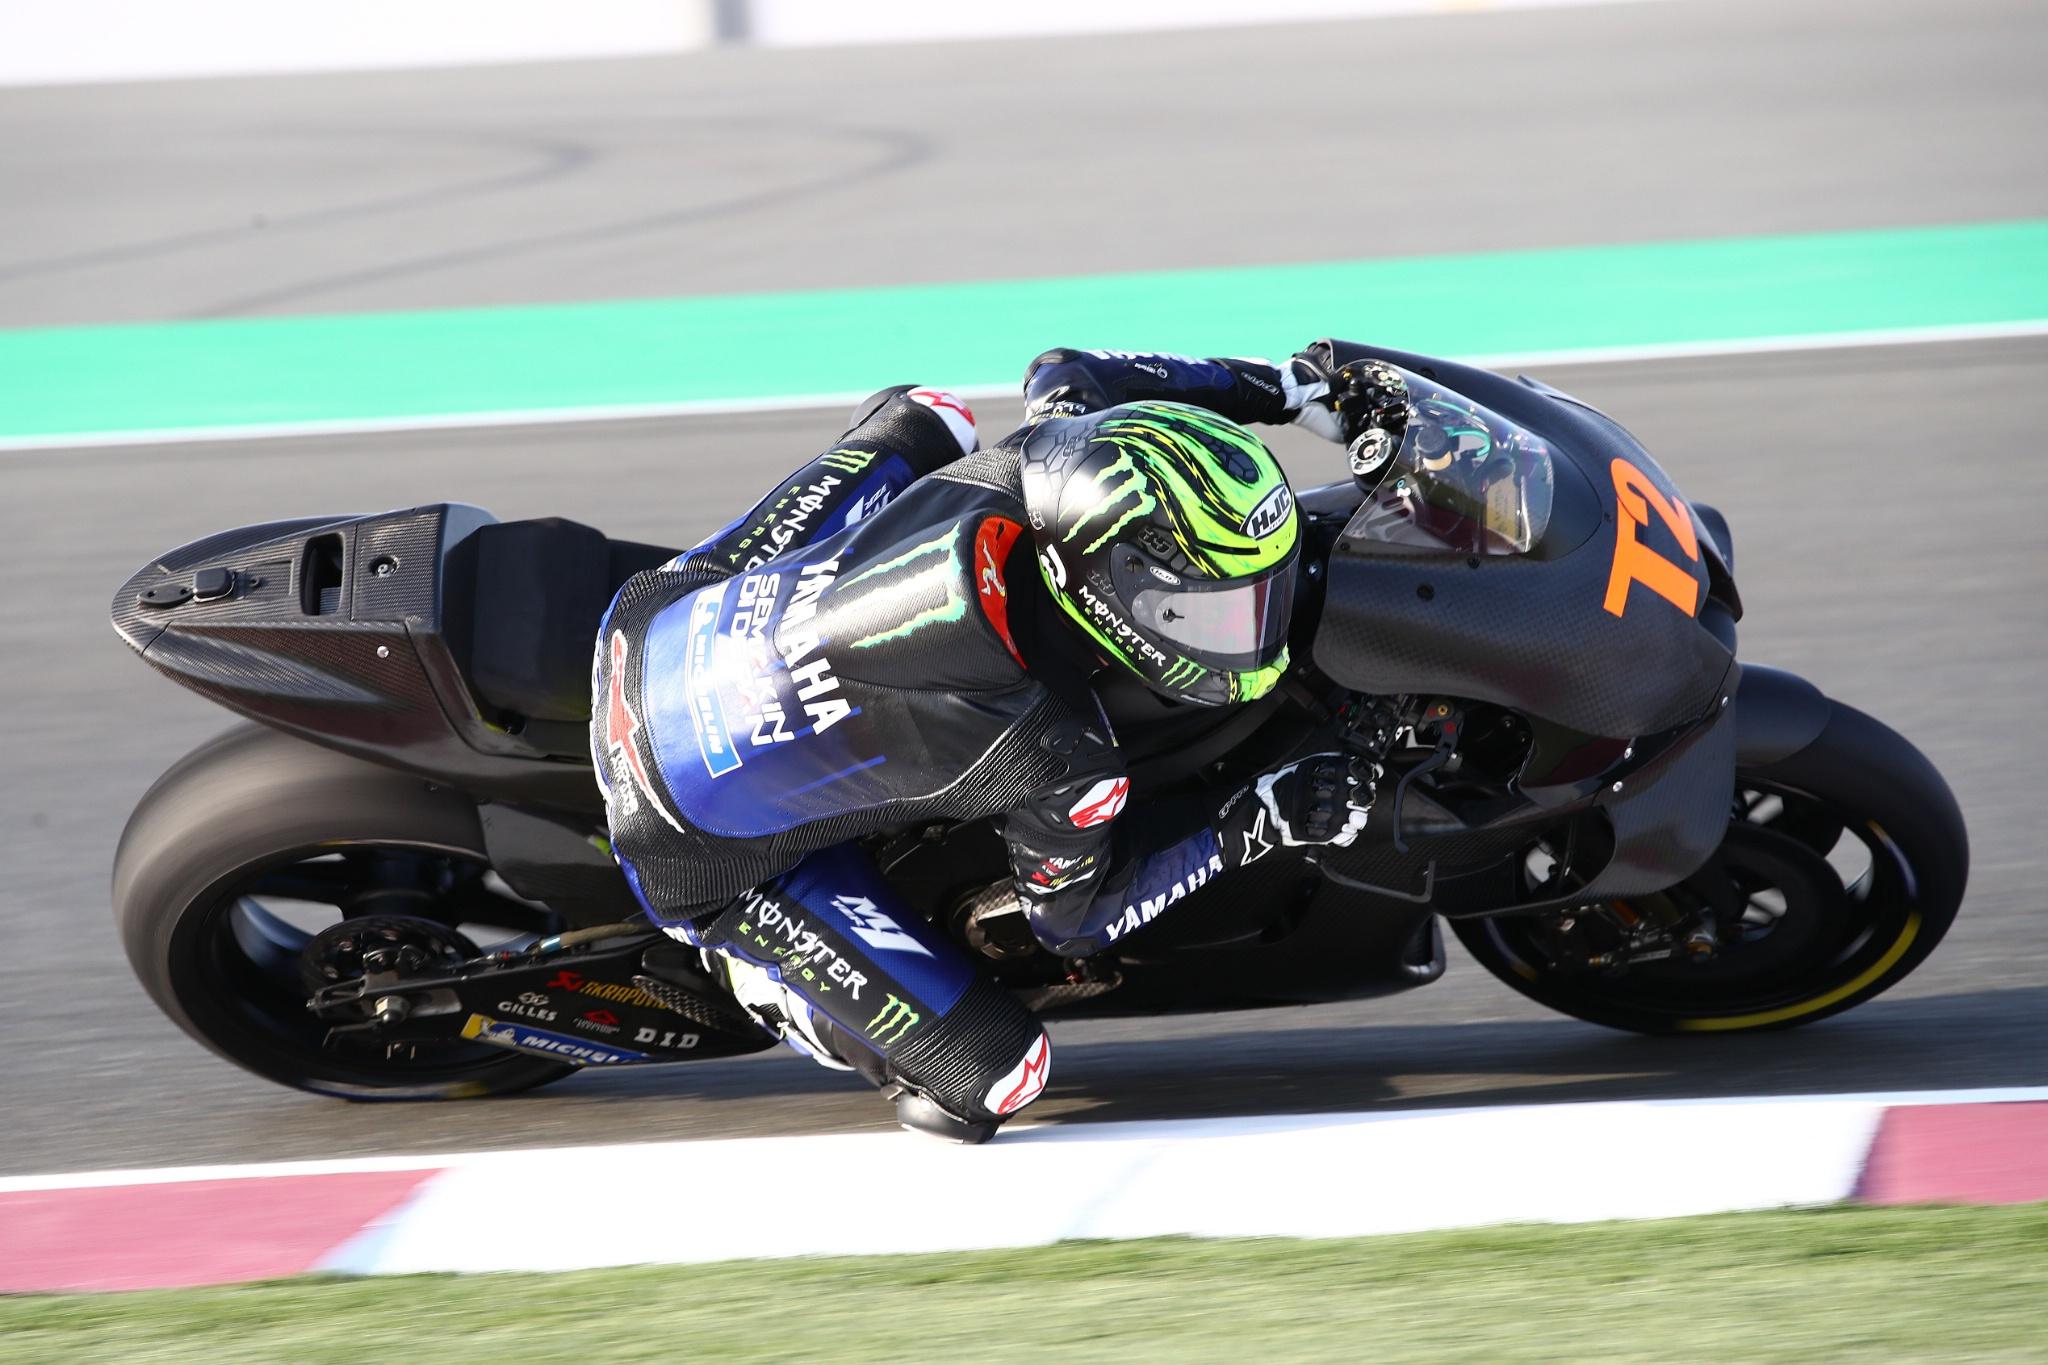 Cal Crutchlow , Qatar MotoGP test, 5 March 2021